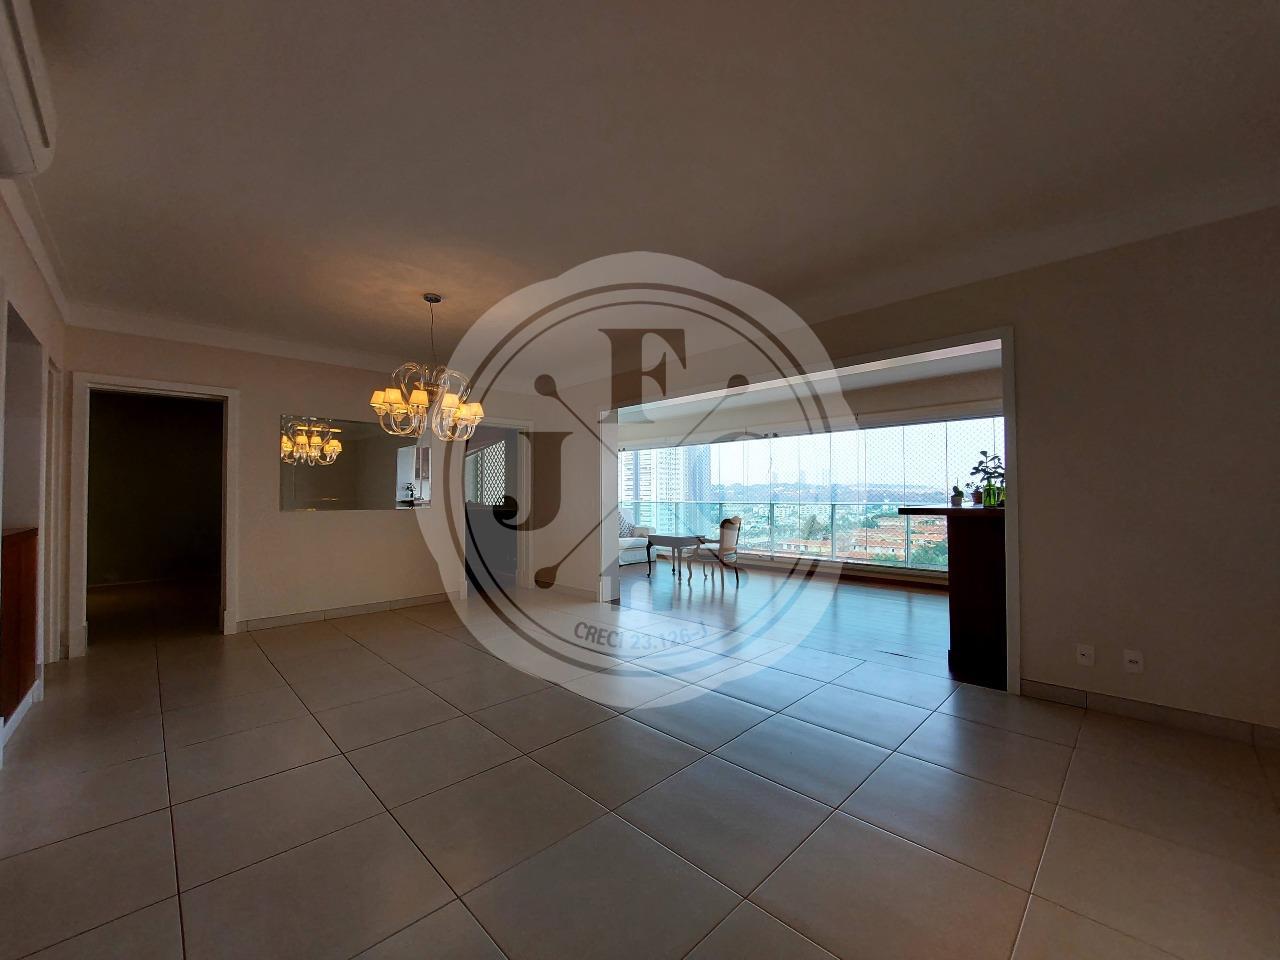 Exclusivo apartamento alto padrão com 3 suítes para locação no bairro Bosque das Juritis.